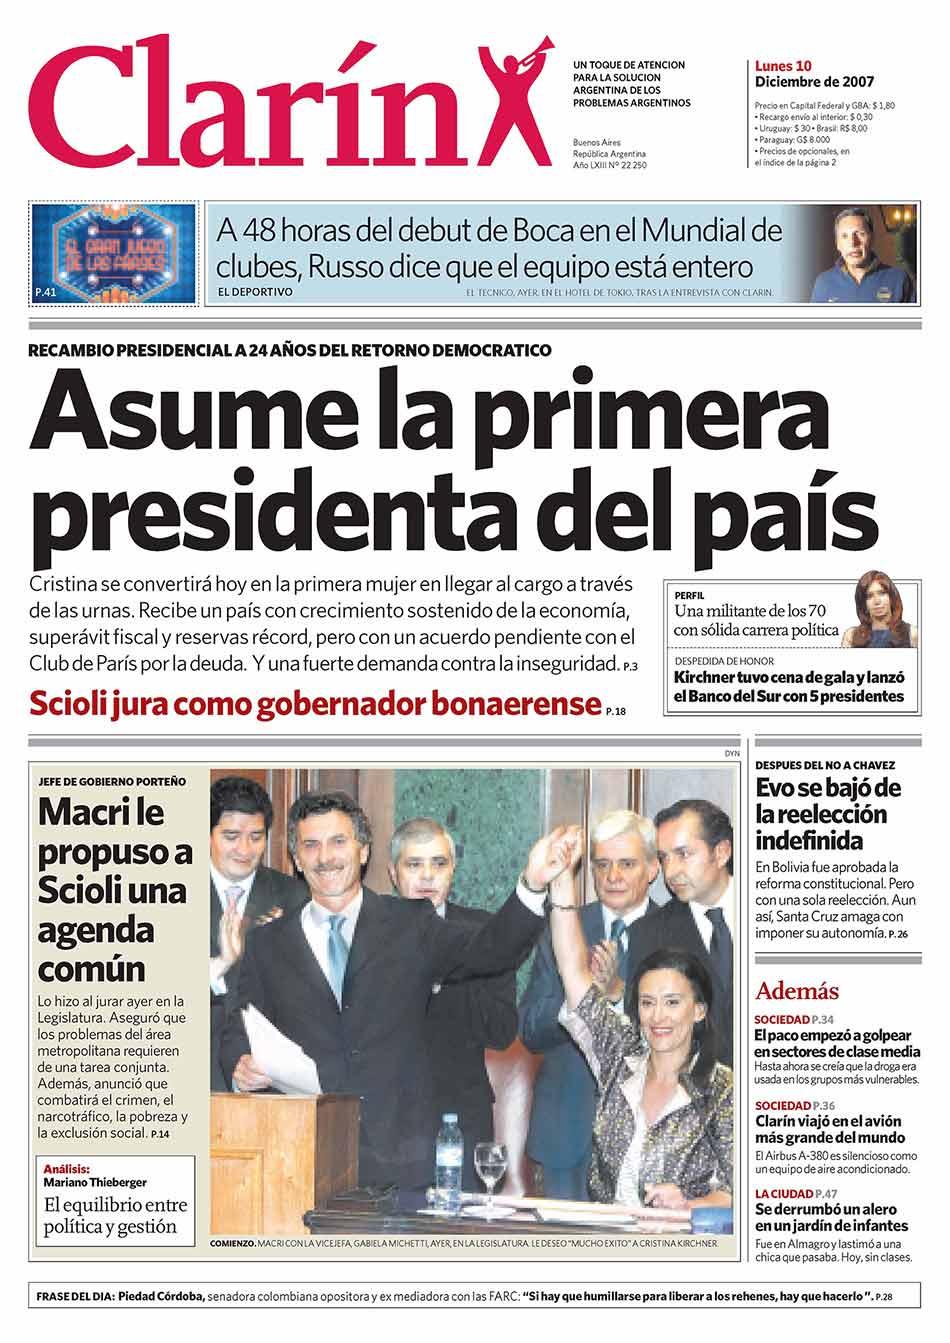 CFK 2007